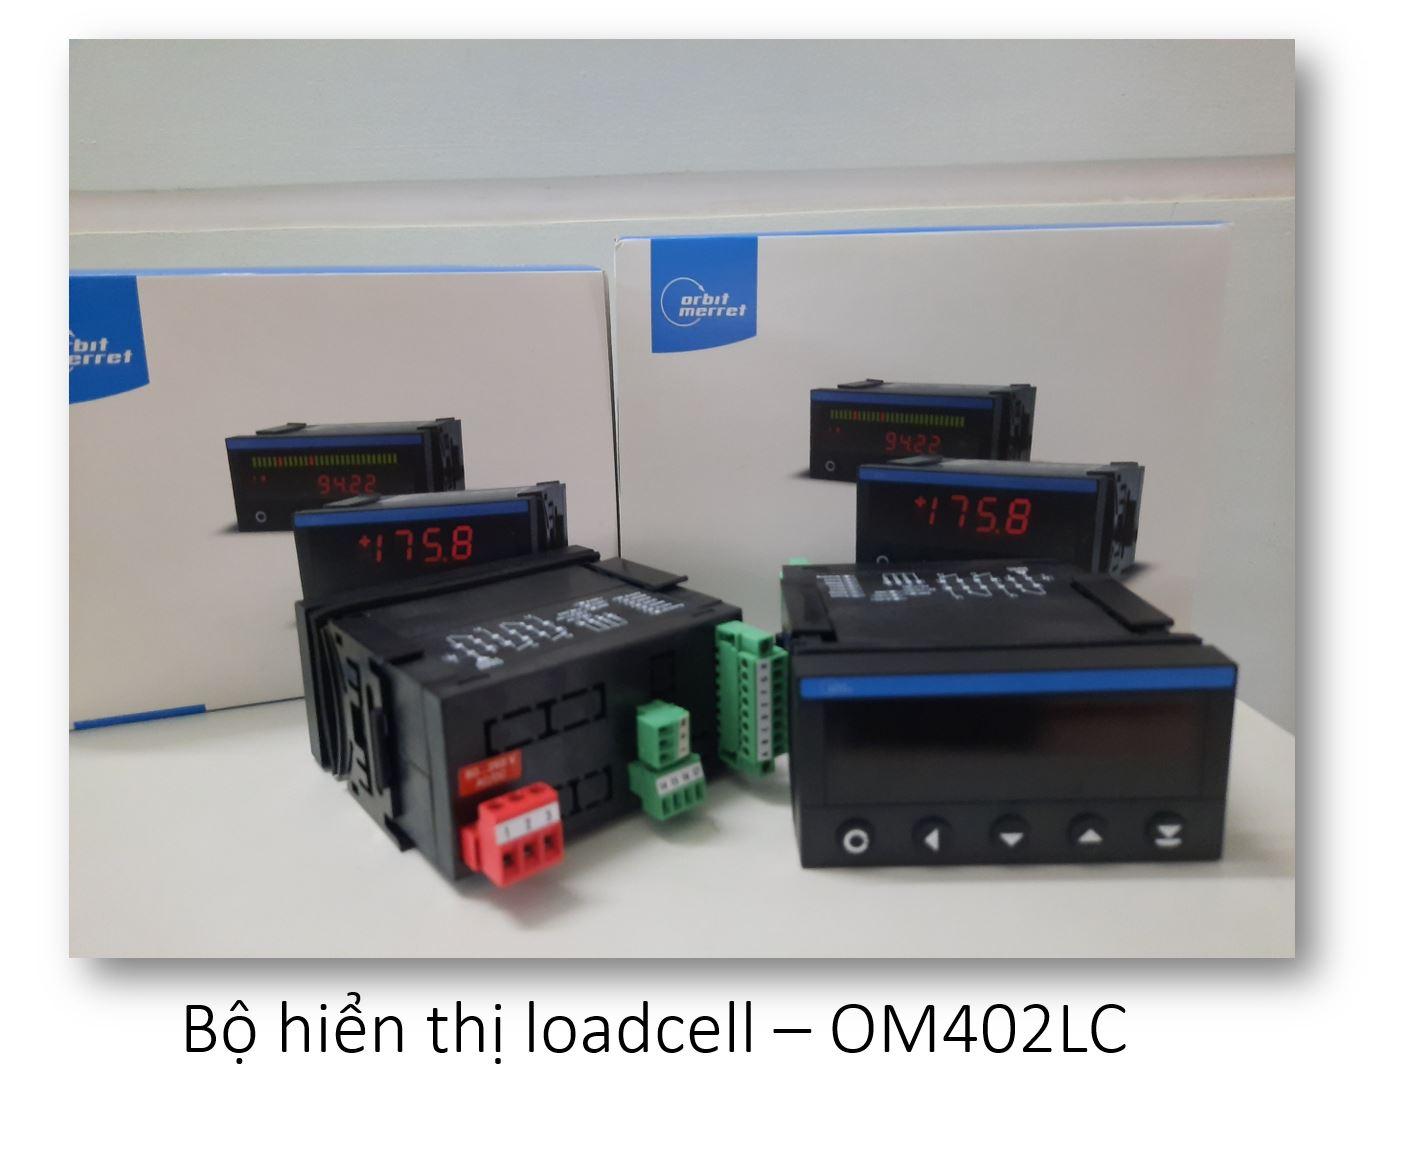 OM402LC - Bộ hiển thị cân